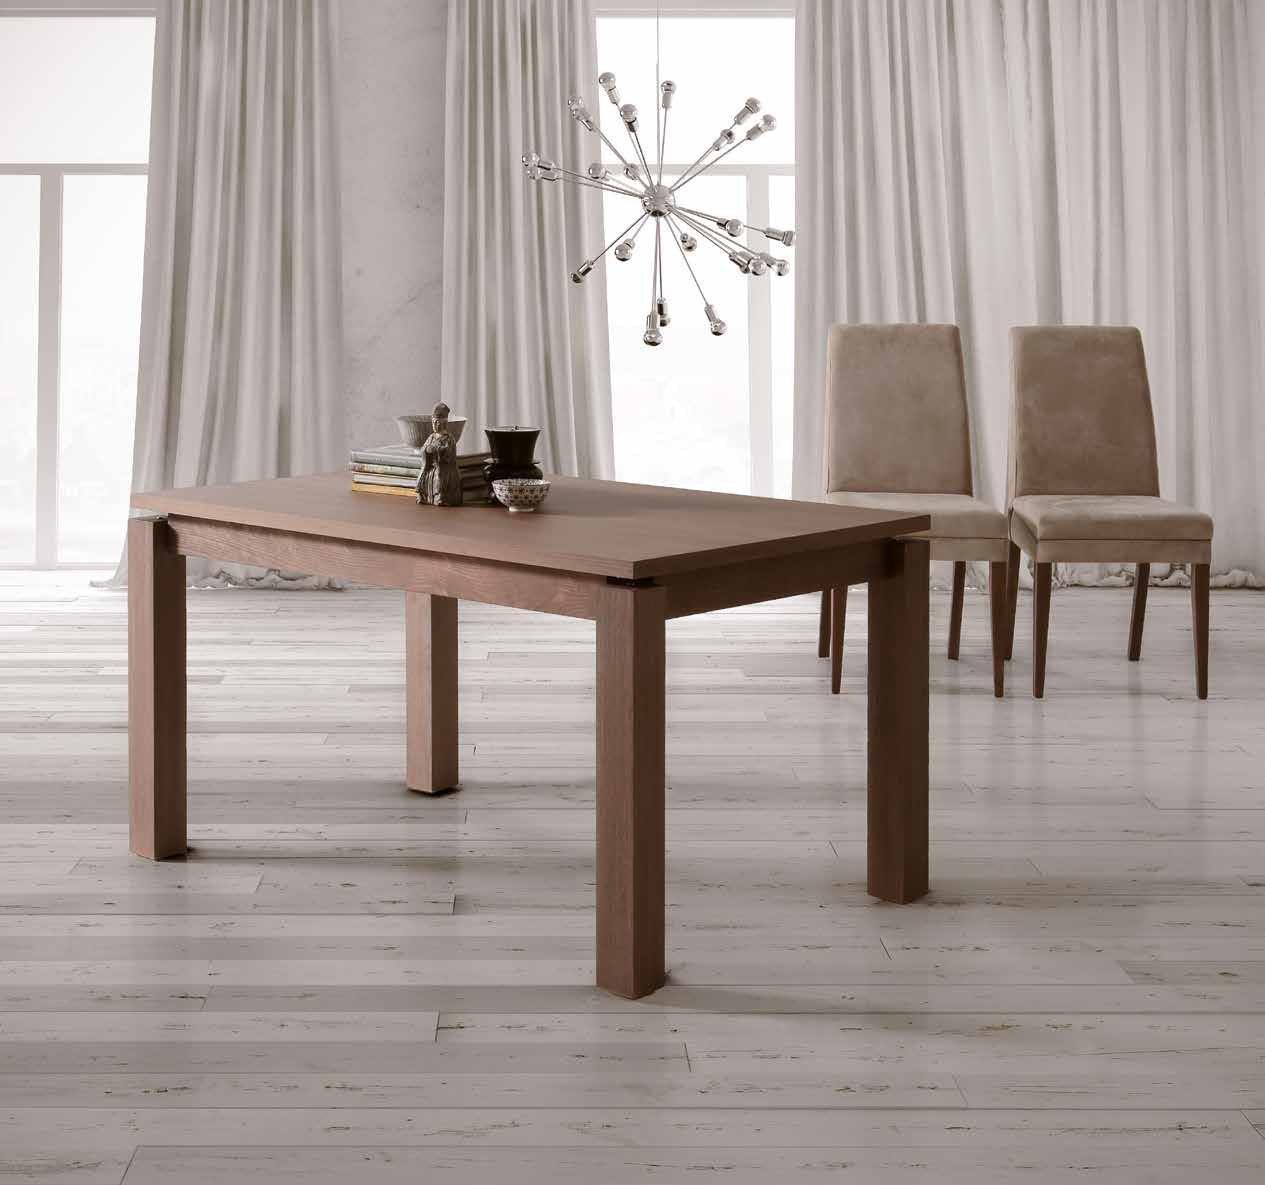 Mesa muebles d azmuebles d az for Muebles diaz